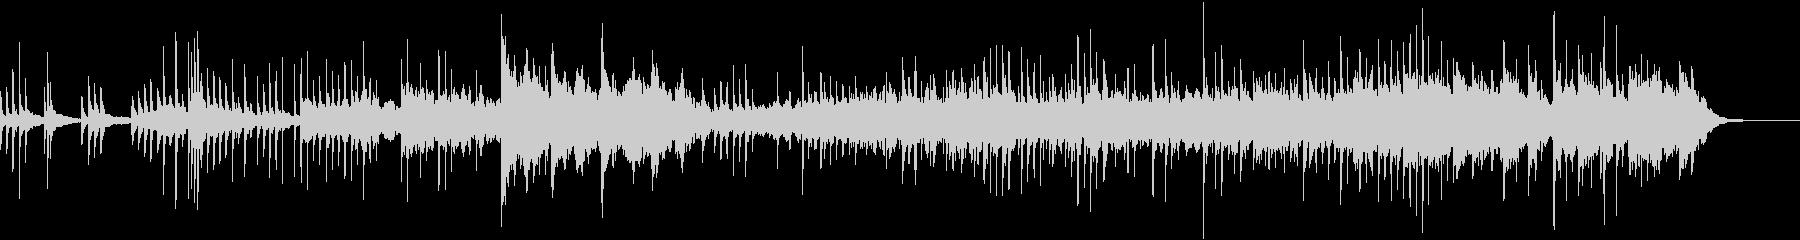 ノスタルジックなピアノの幻想的なBGMの未再生の波形